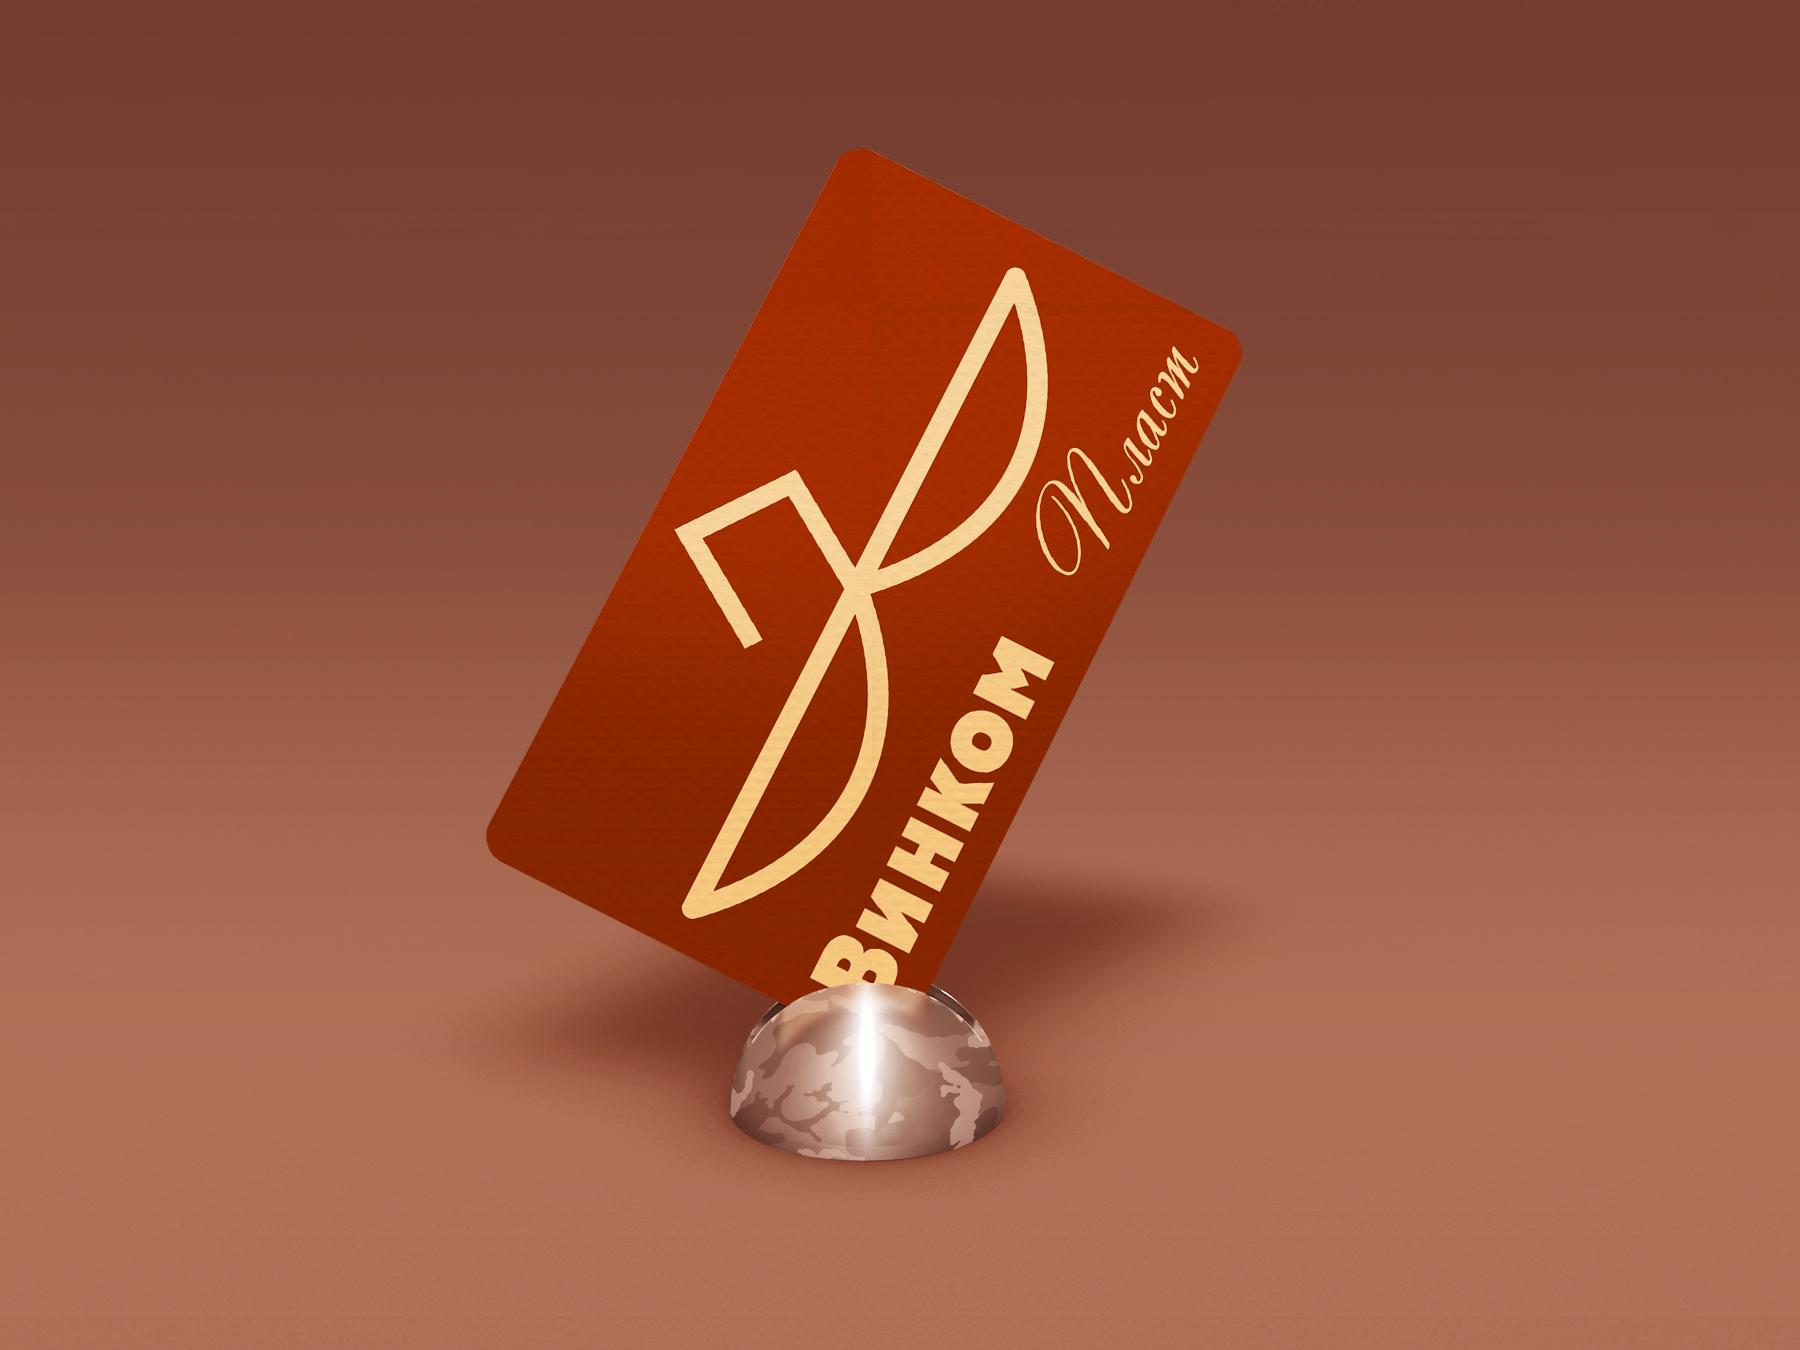 Логотип, фавикон и визитка для компании Винком Пласт  фото f_0515c40d9c3d2779.jpg